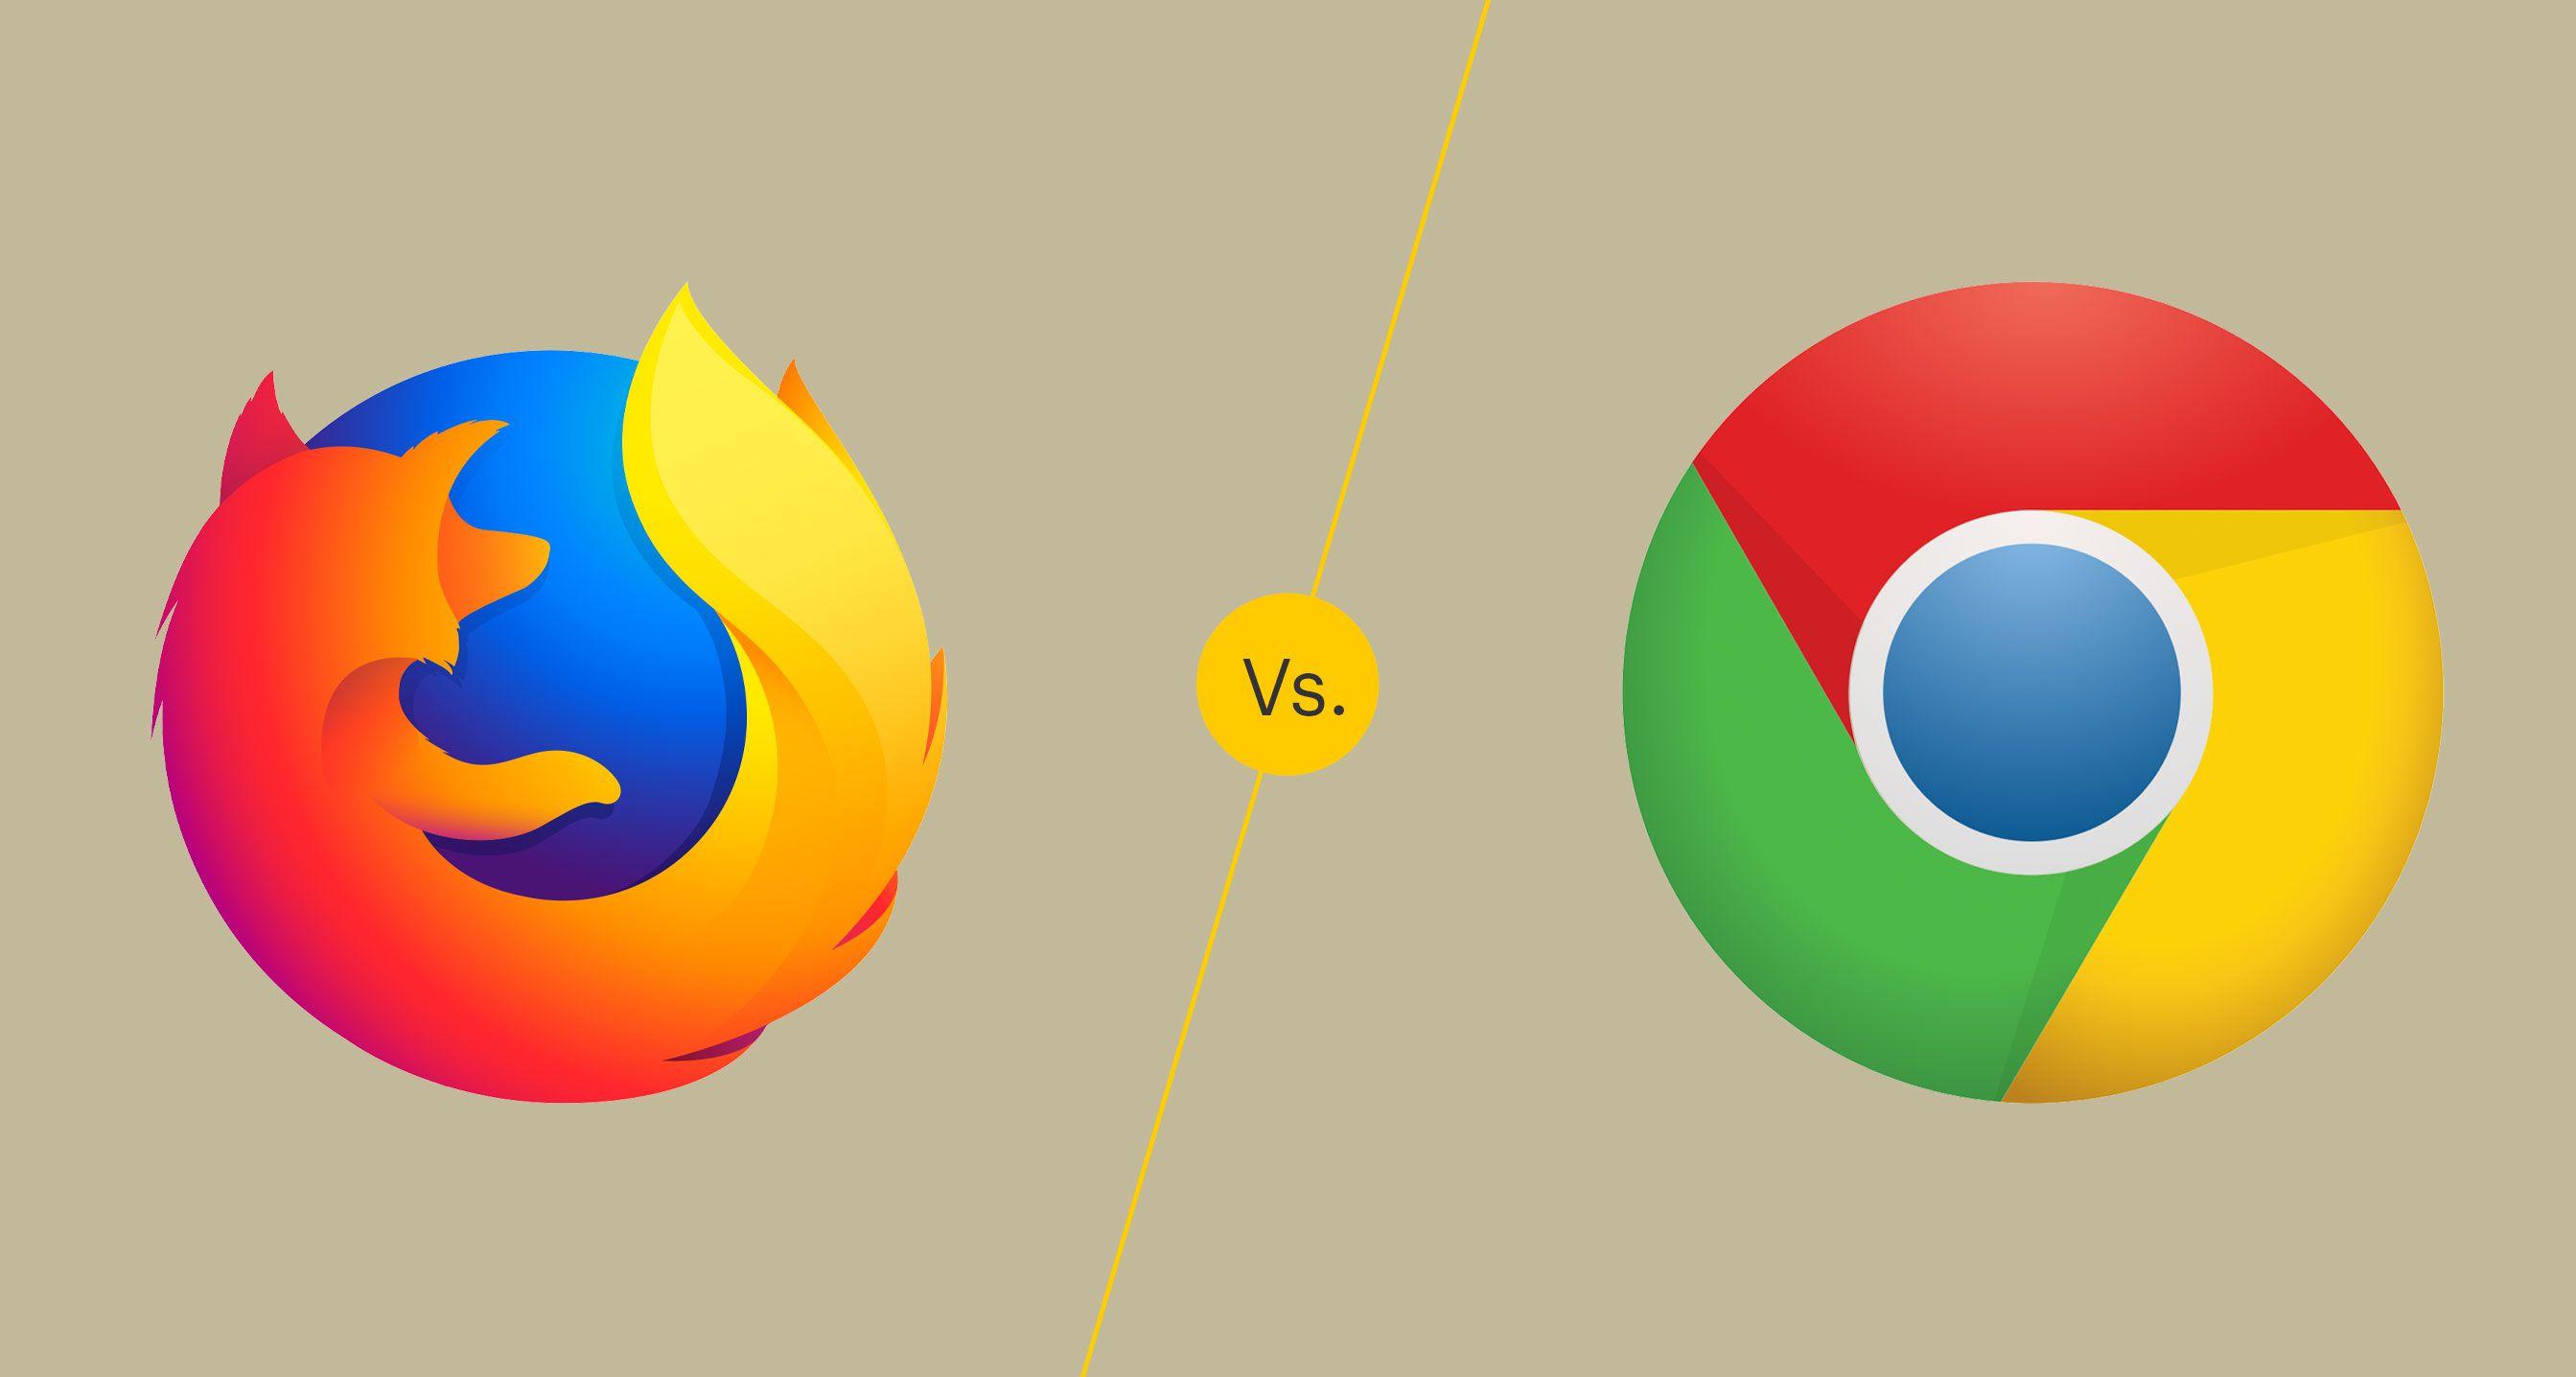 Firefox vs. Chrome